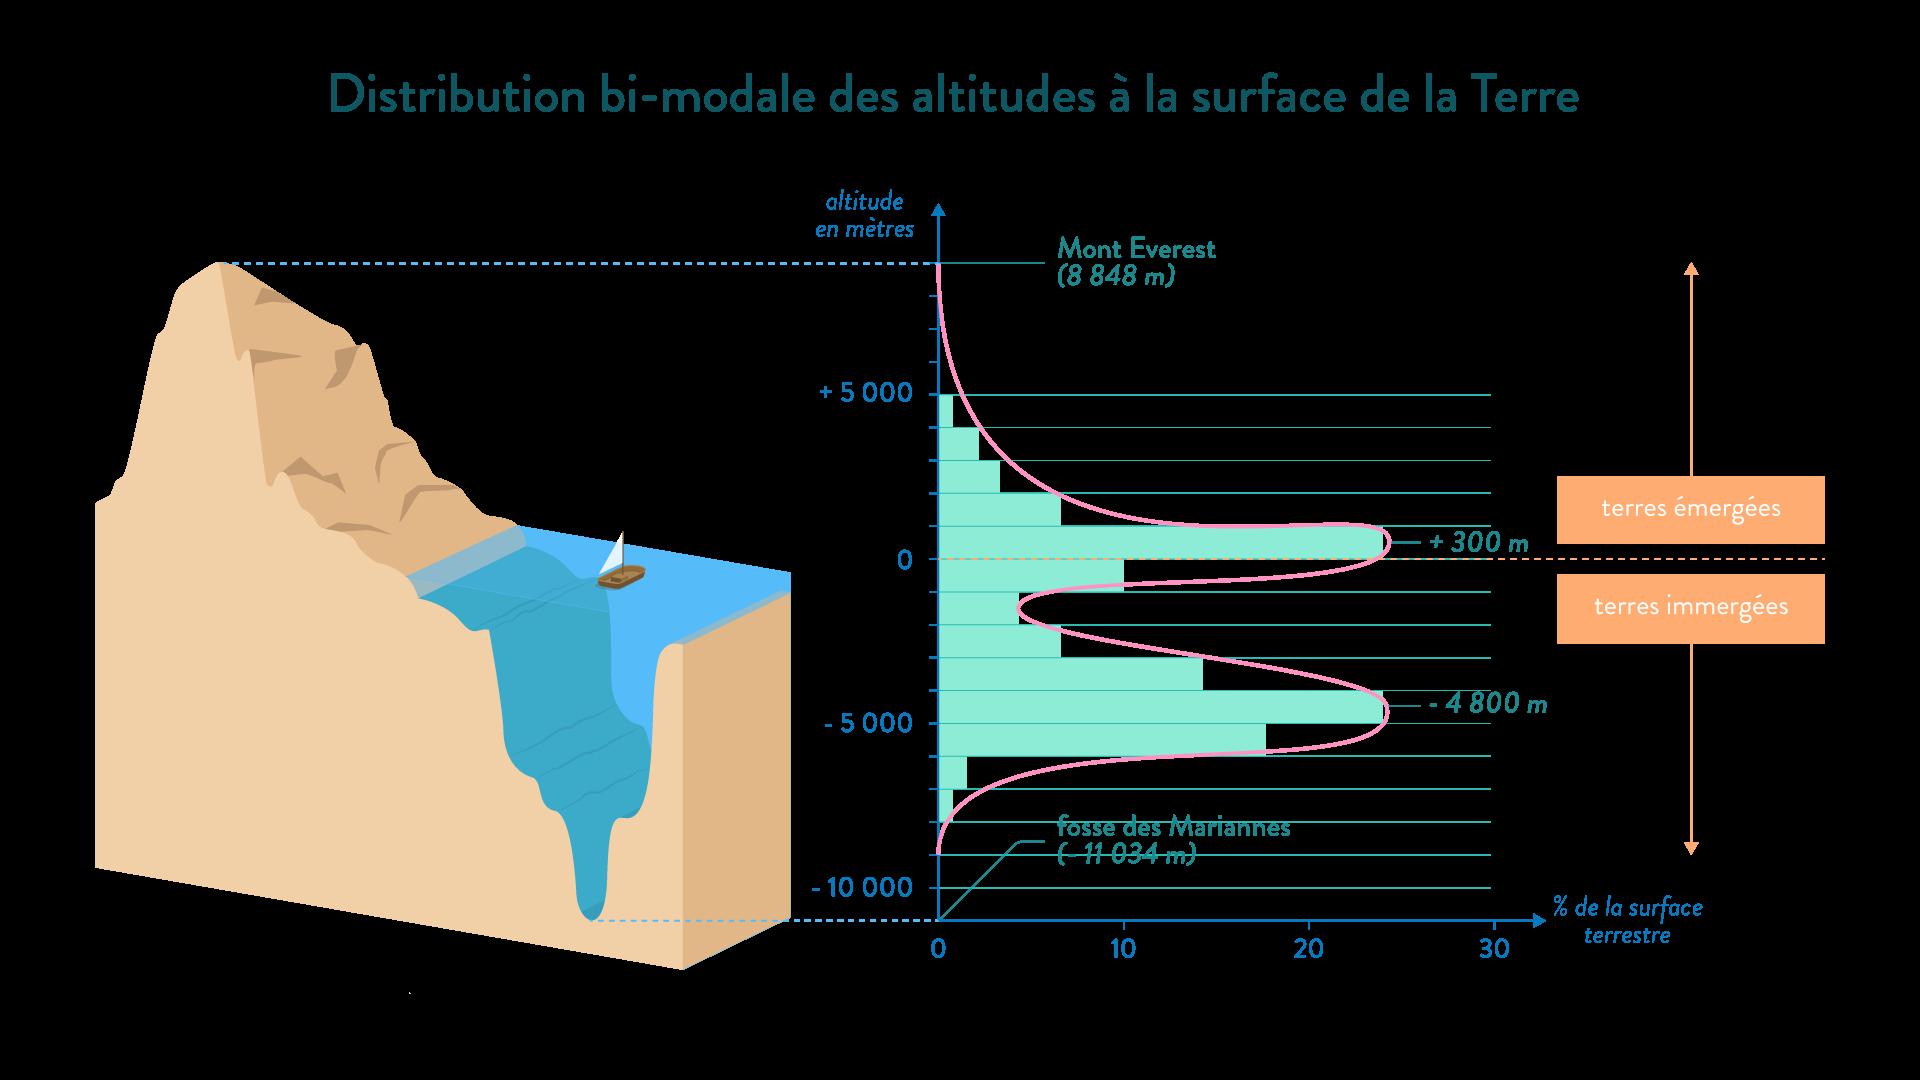 distribution bi-modale des altitudes à la surface de la terre mont everest fosse des mariannes terres émergées immergées svt première géologie